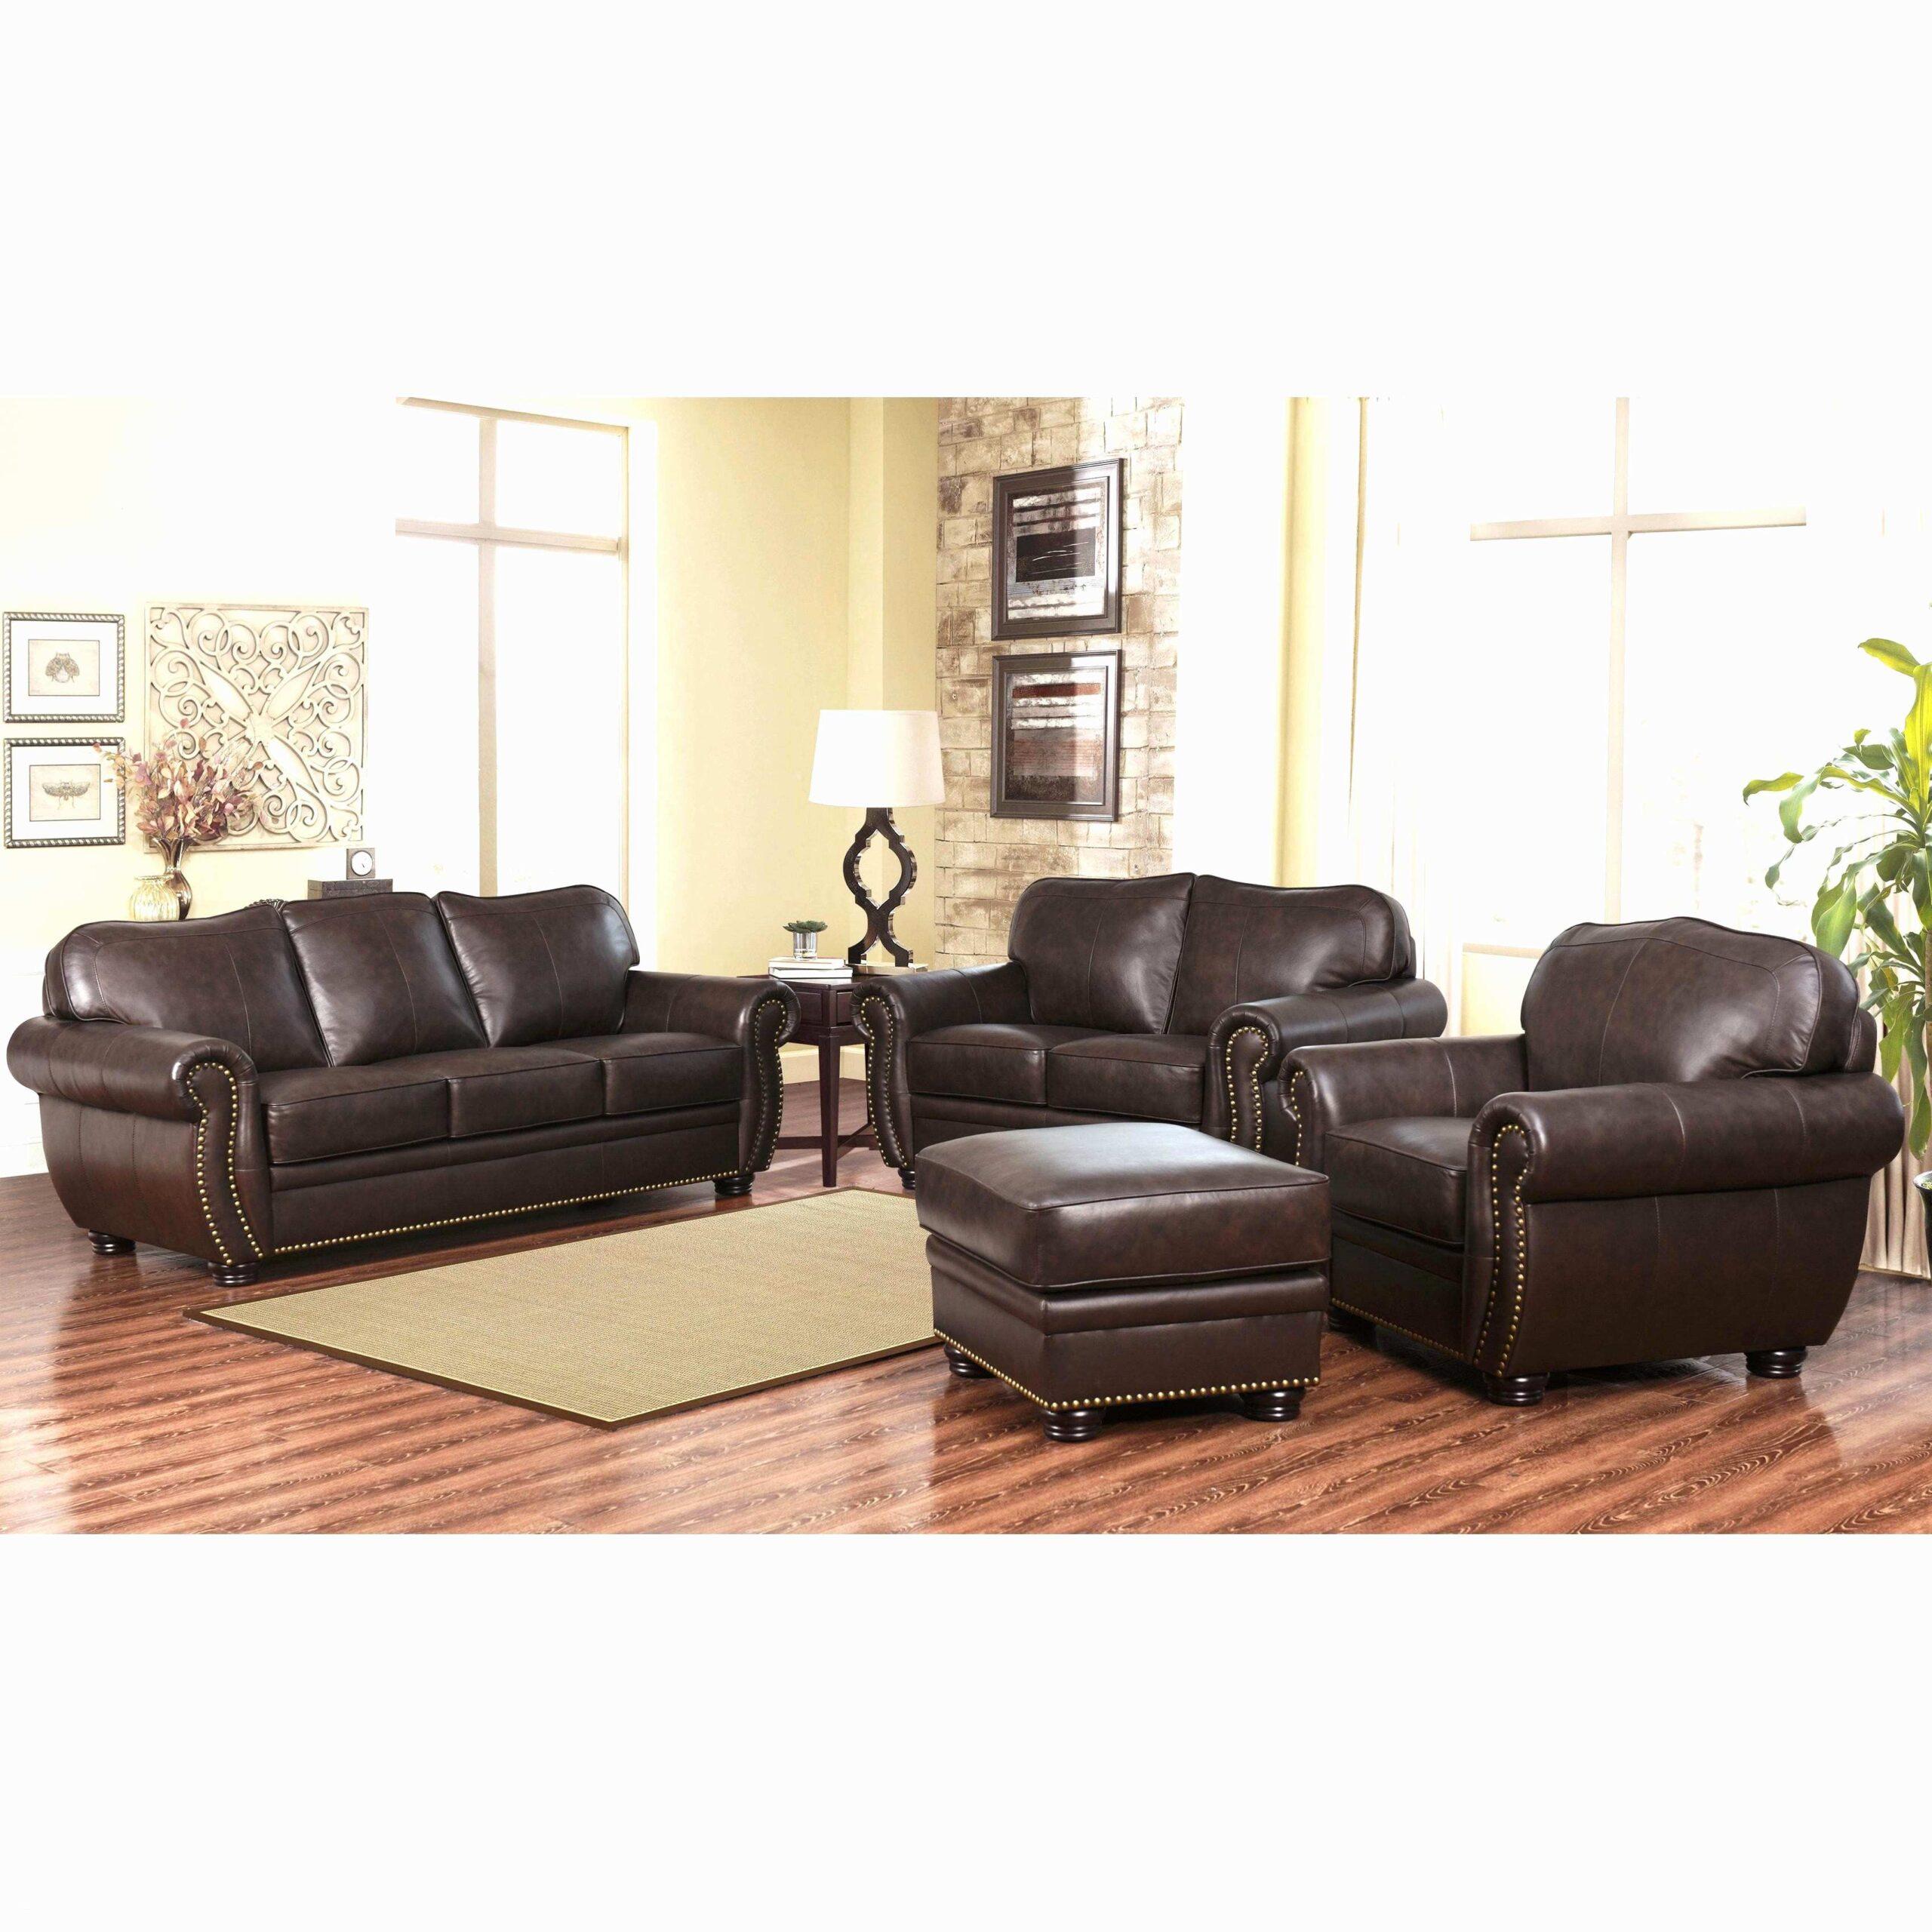 Full Size of Kolonialstil Sofa Big Genial 45 New Leather Couch Tolles Goodlife Alternatives Barock Antik Minotti Mit Hocker Boxspring L Form Dauerschläfer Kaufen Günstig Sofa Kolonialstil Sofa